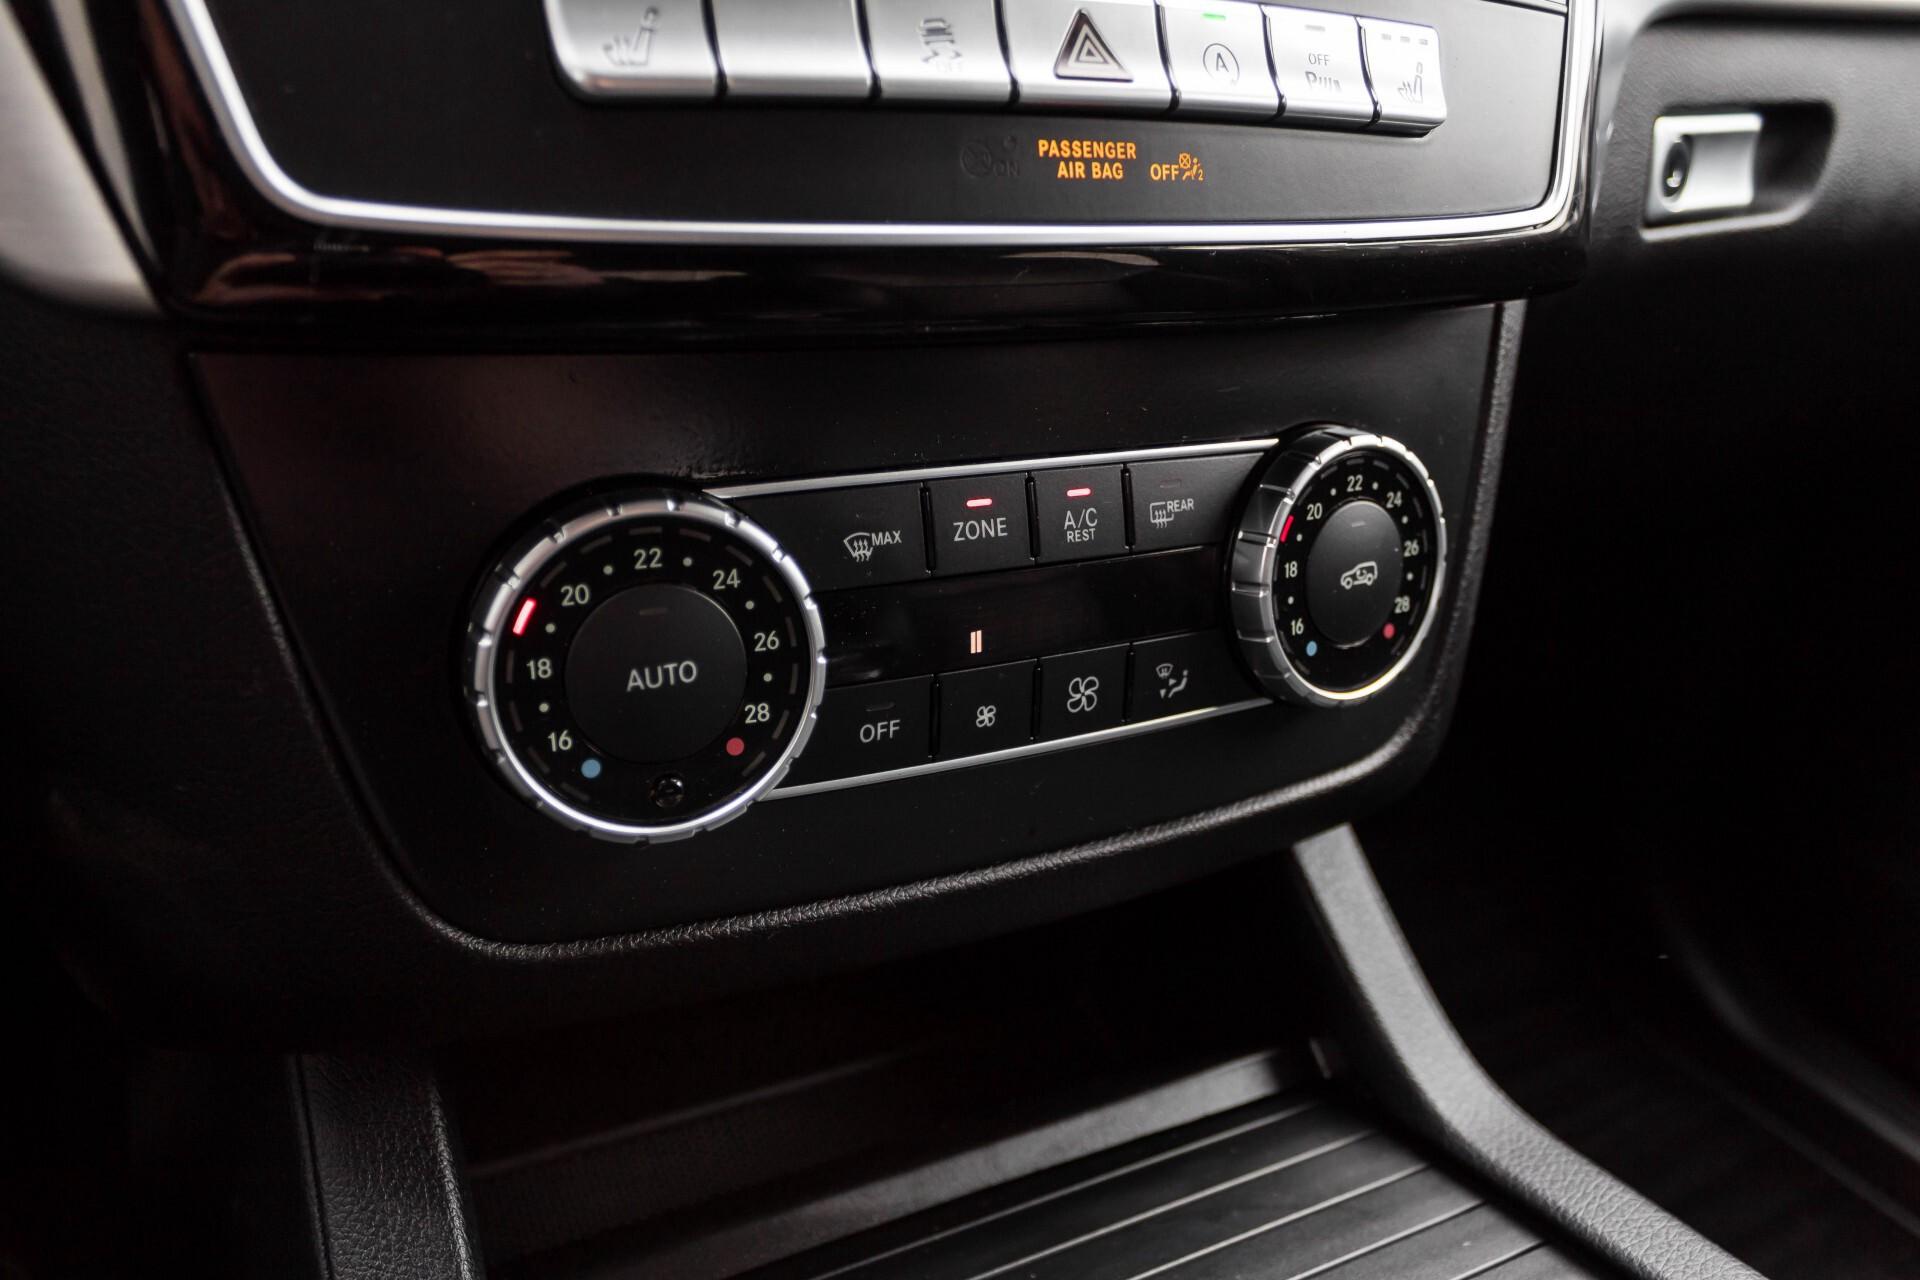 Mercedes-Benz GLE Coupé 350 d 4-M AMG Luchtvering/Distronic/Panorama/Mem/Trekhaak Aut9 Foto 23